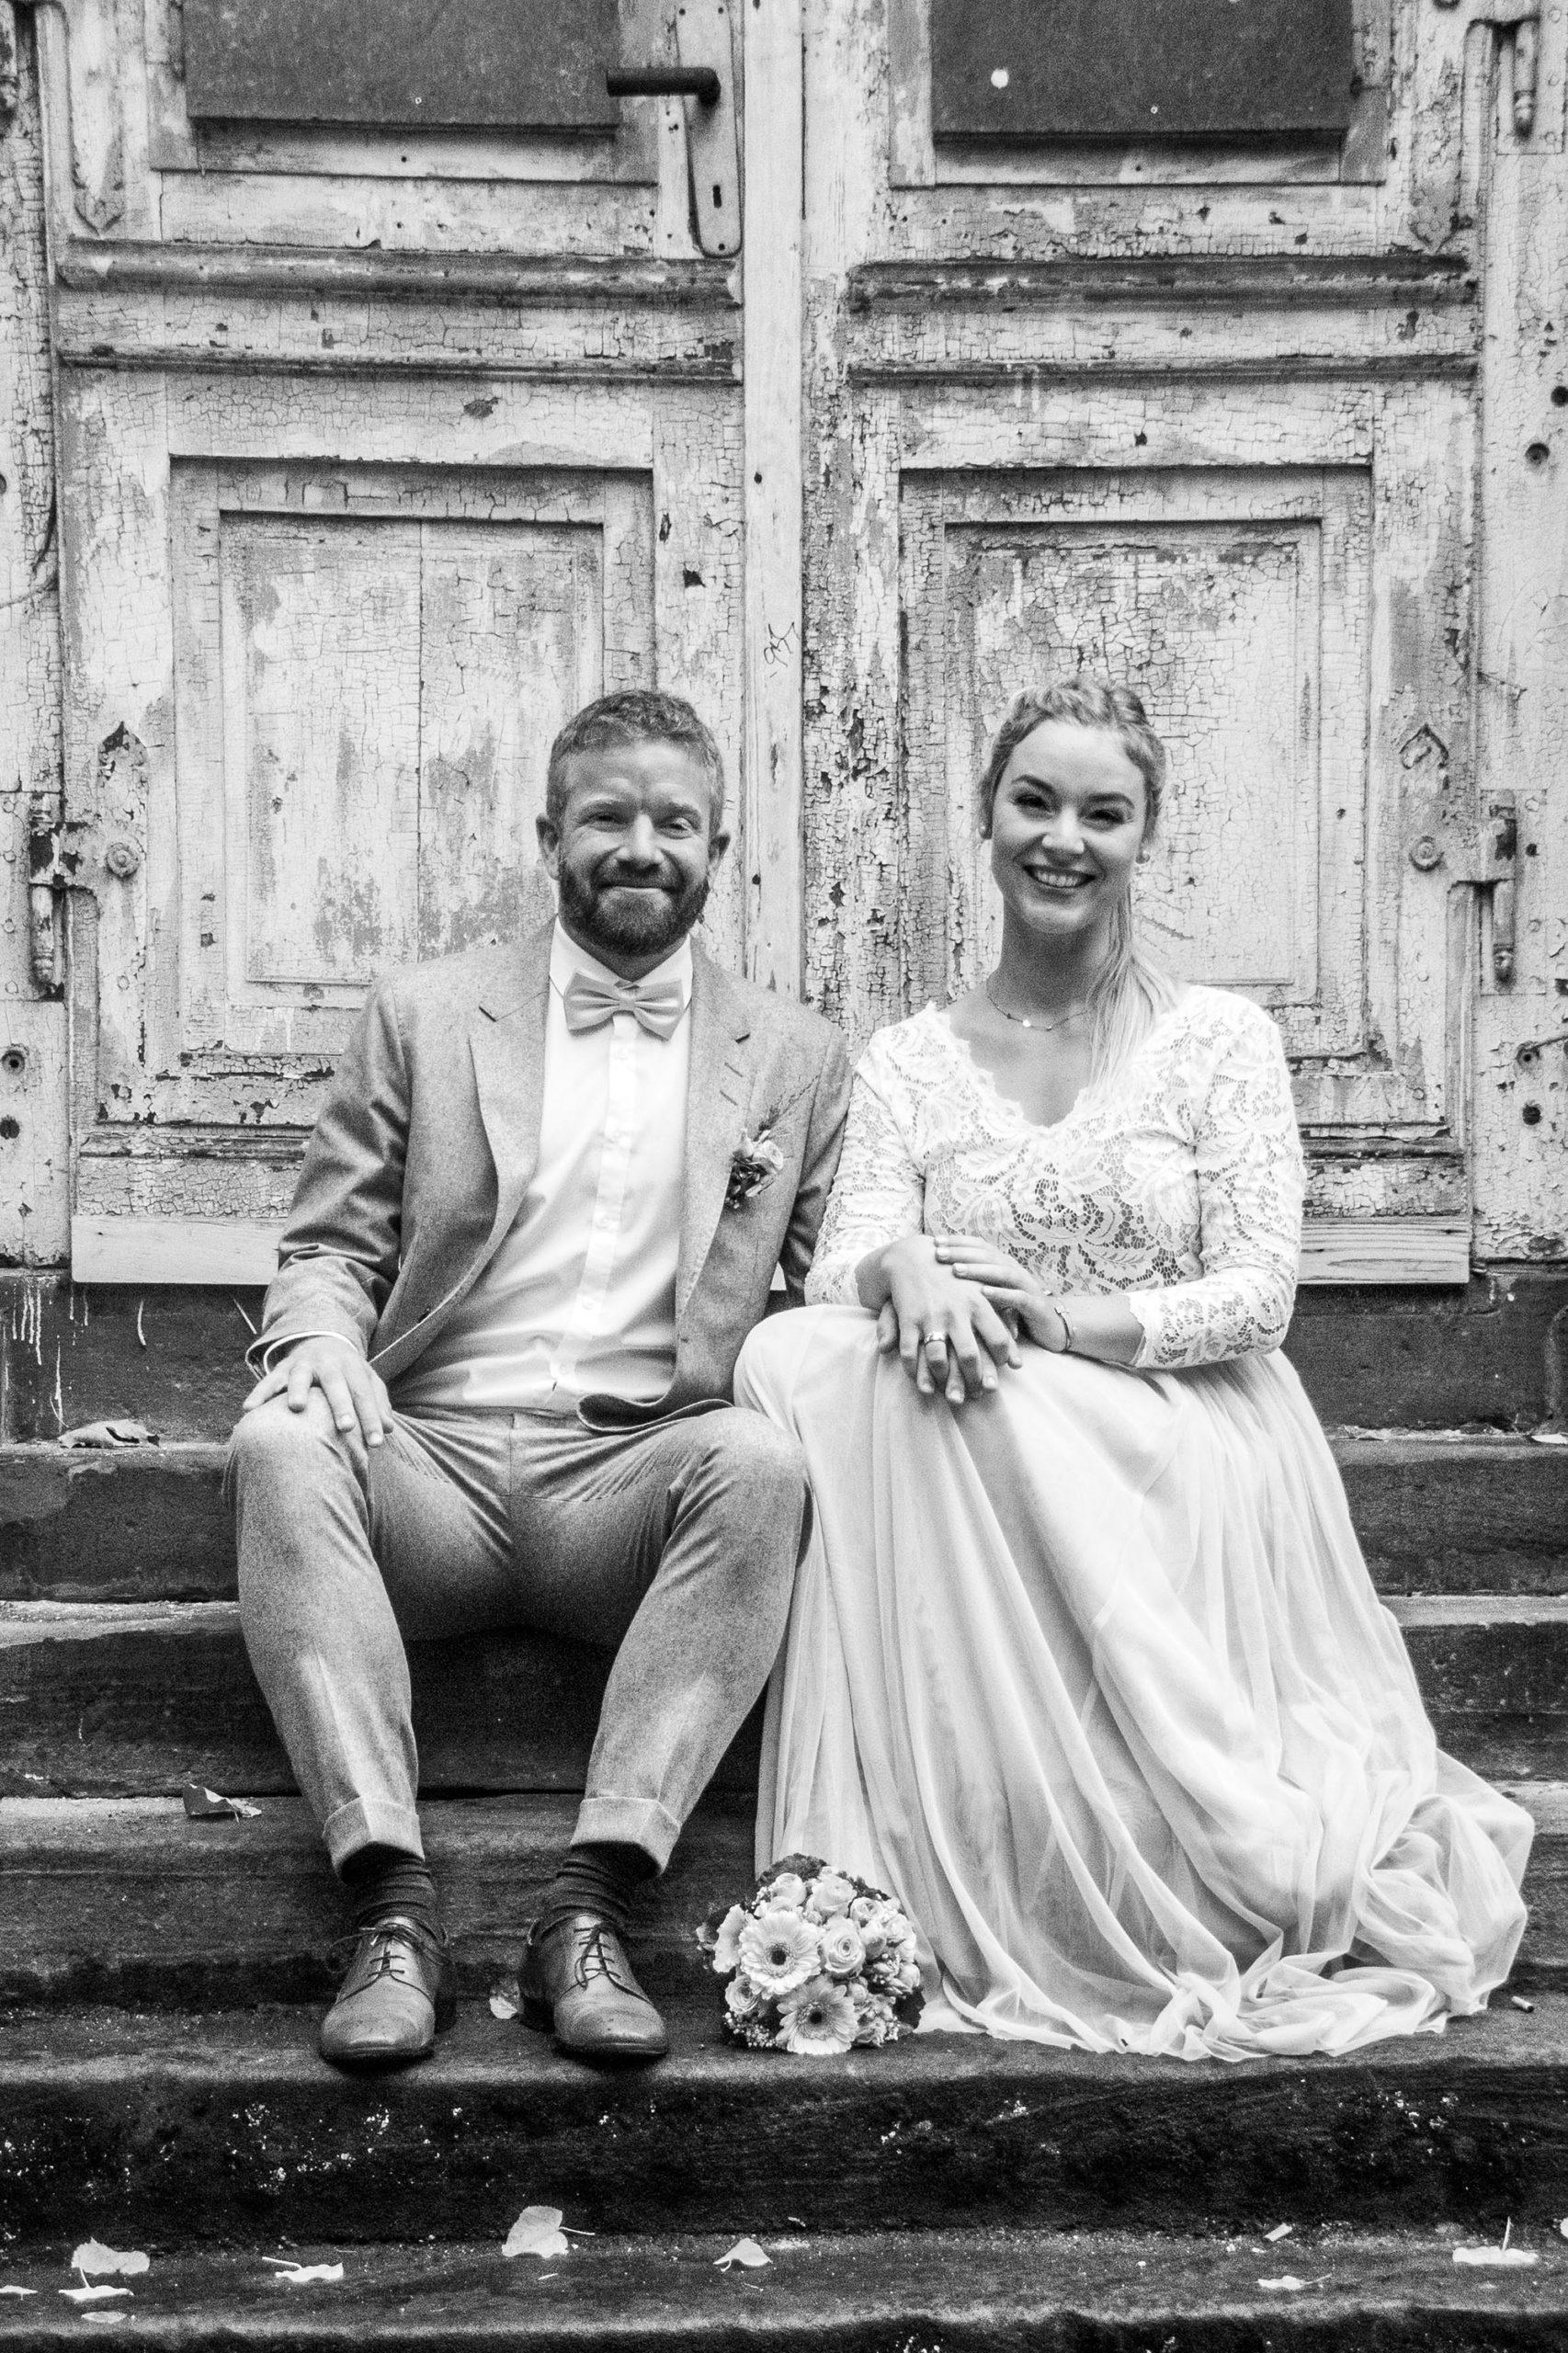 Brautpaar auf Treppe sitzend vor Holztür (schwarz-weiß)